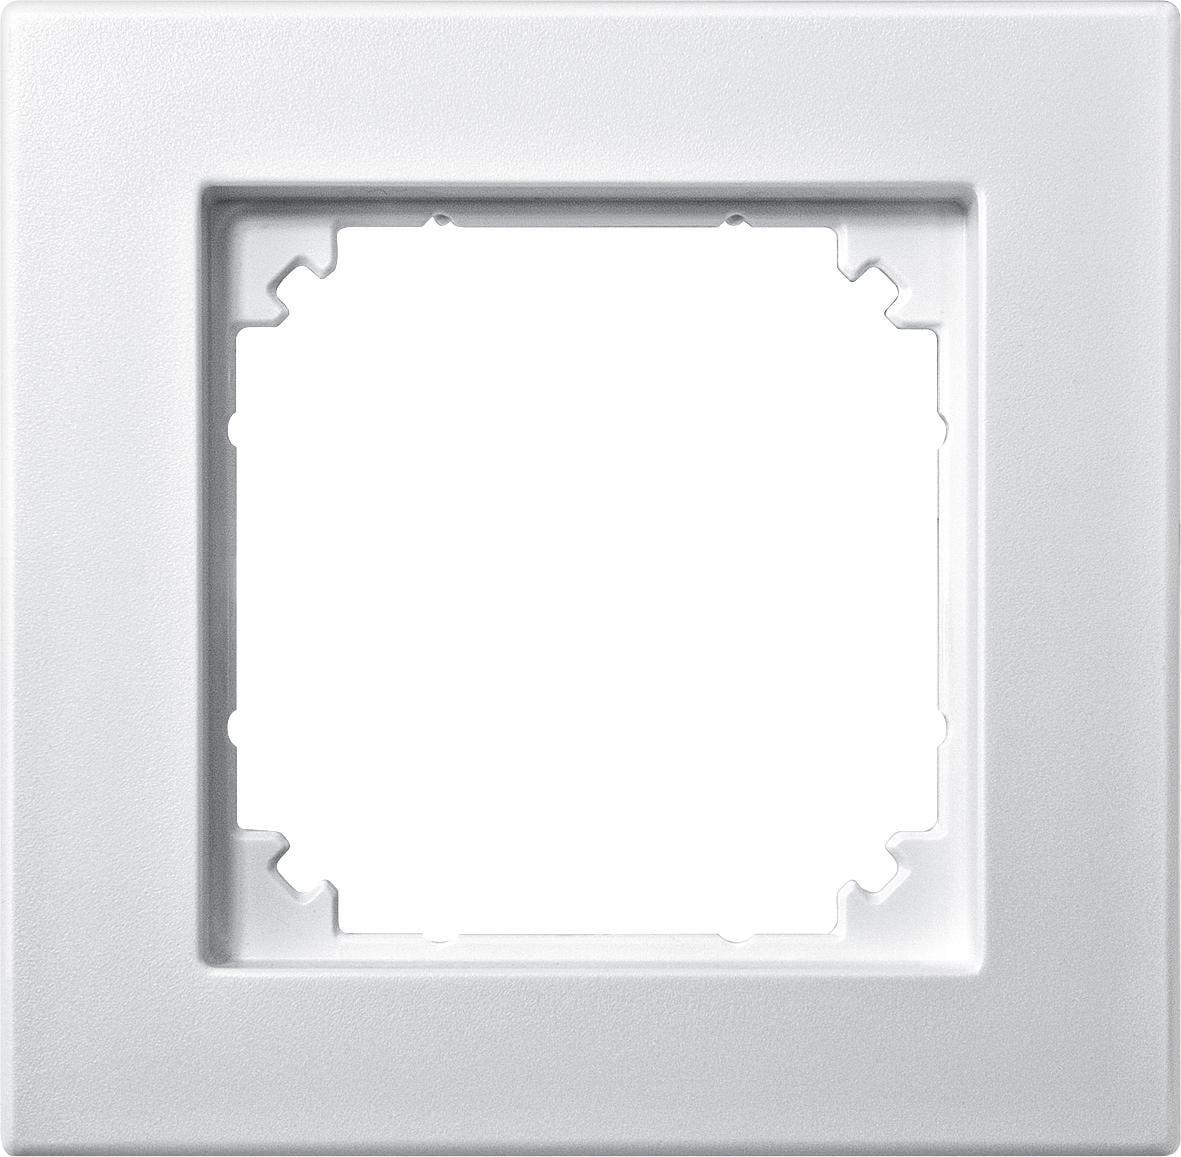 Wunderbar Schäbige Schicke Rahmen Galerie - Rahmen Ideen ...